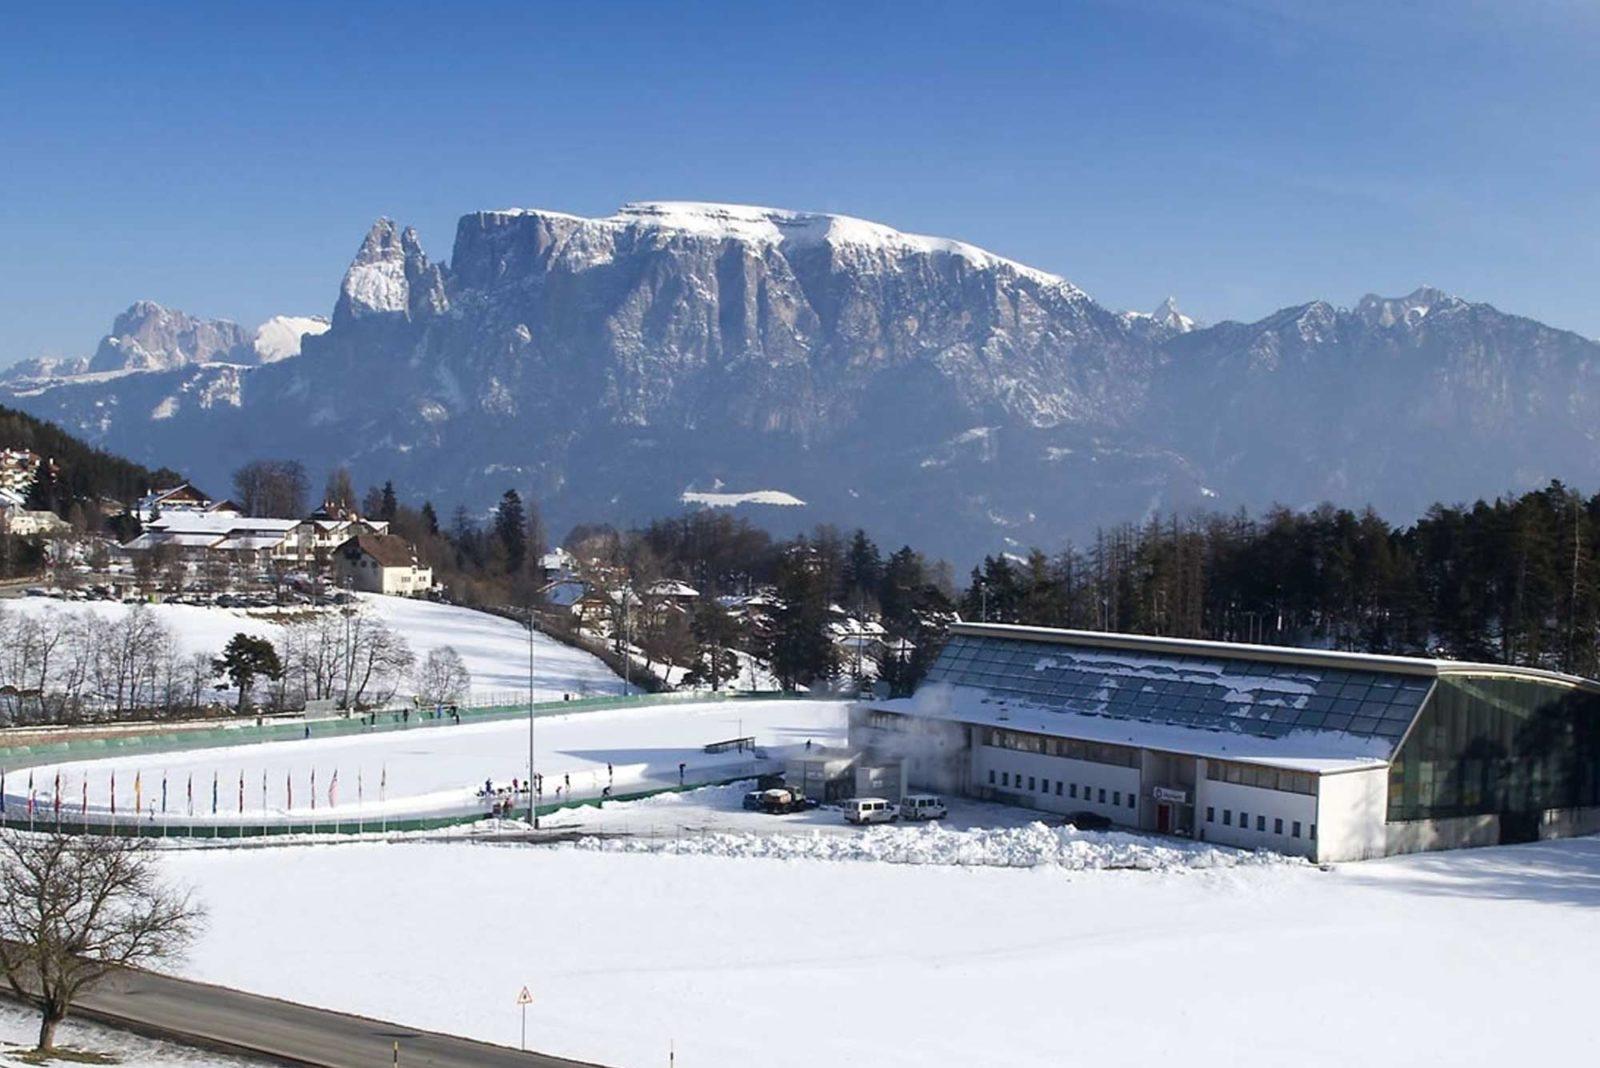 Eislaufen in seiner schönsten Form: Die Arena Ritten in Klobenstein